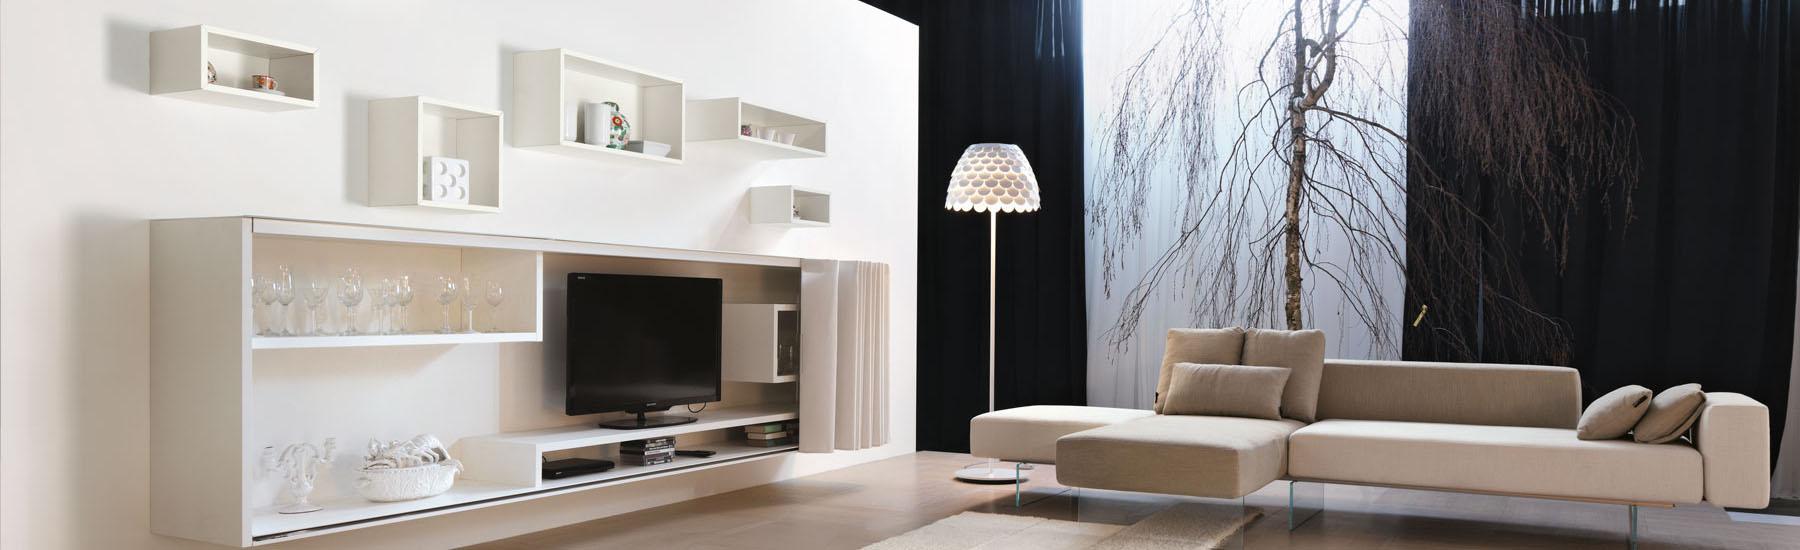 Armoire sur mesure suisse lacroix design en suisse romande - Armoire sur mesure suisse ...